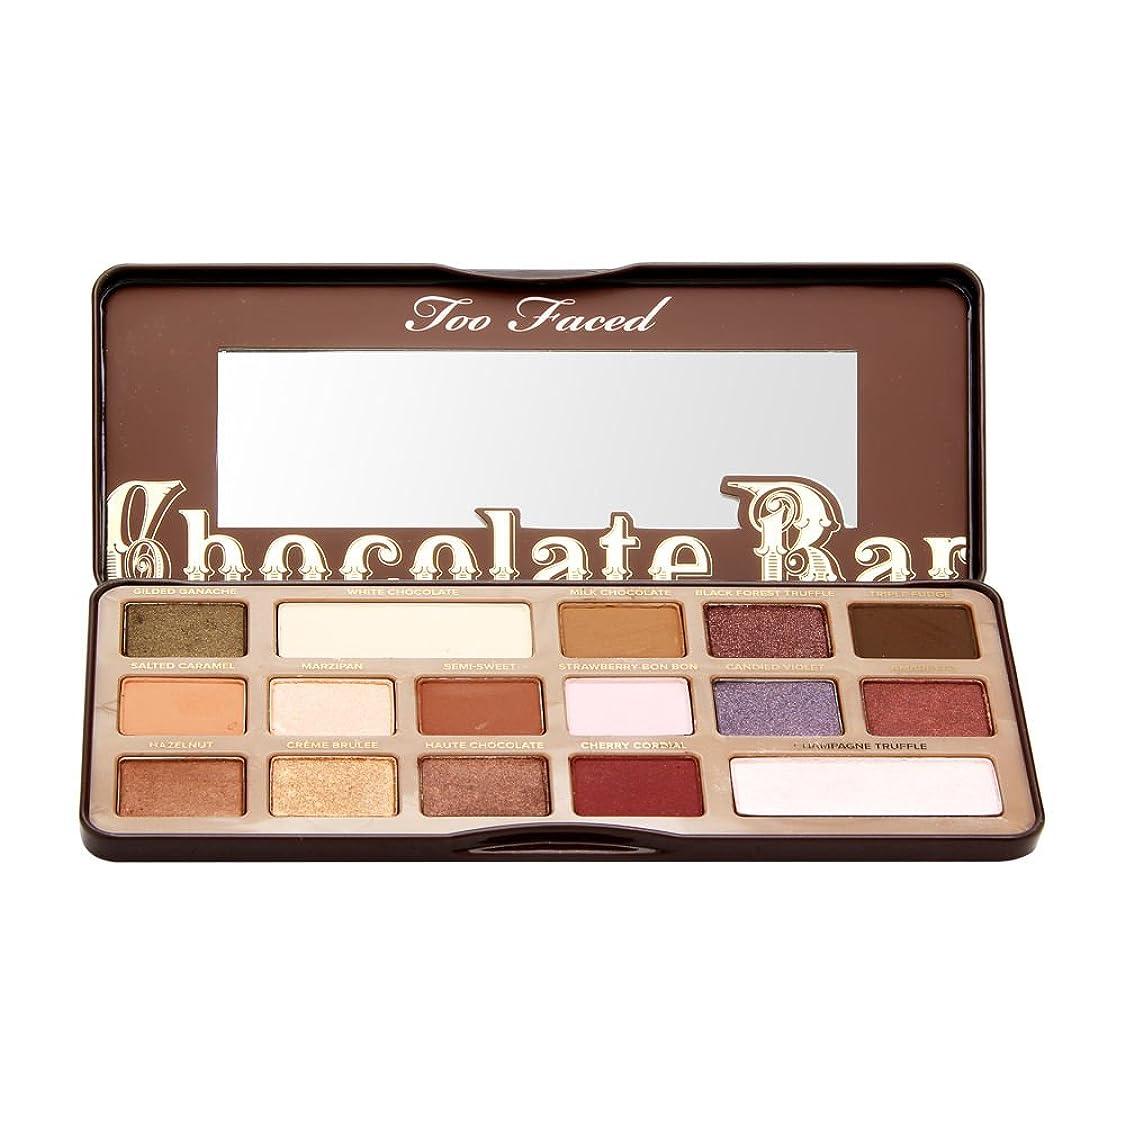 予備頼る羨望Too Faced Chocolate Bar Eye Shadow Collection (並行輸入品)